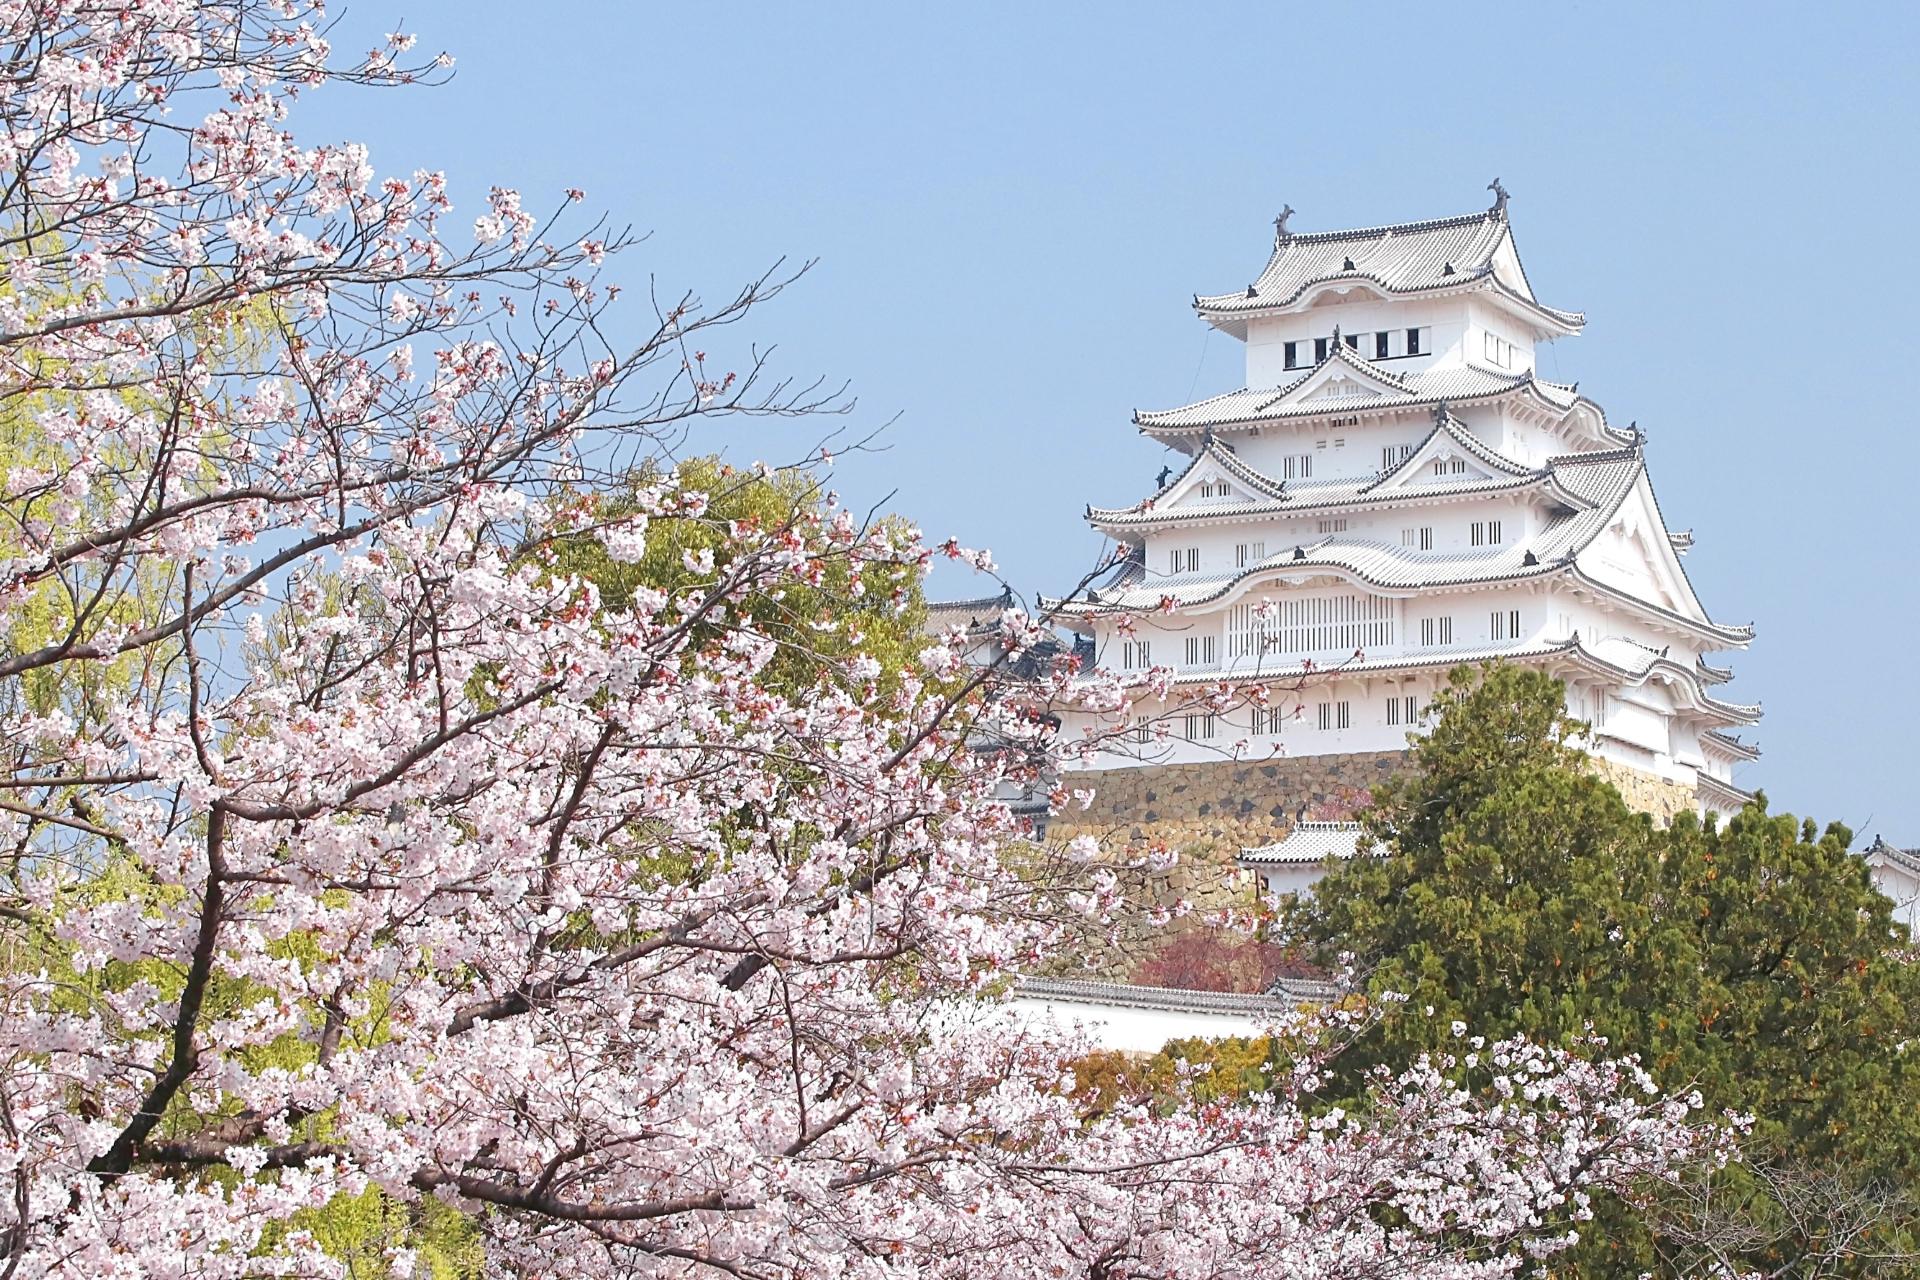 3184977_m 兵庫県  姫路城(桜と城の景色が美しい春におすすめのスポット! 写真の紹介、アクセス情報や駐車場情報など)